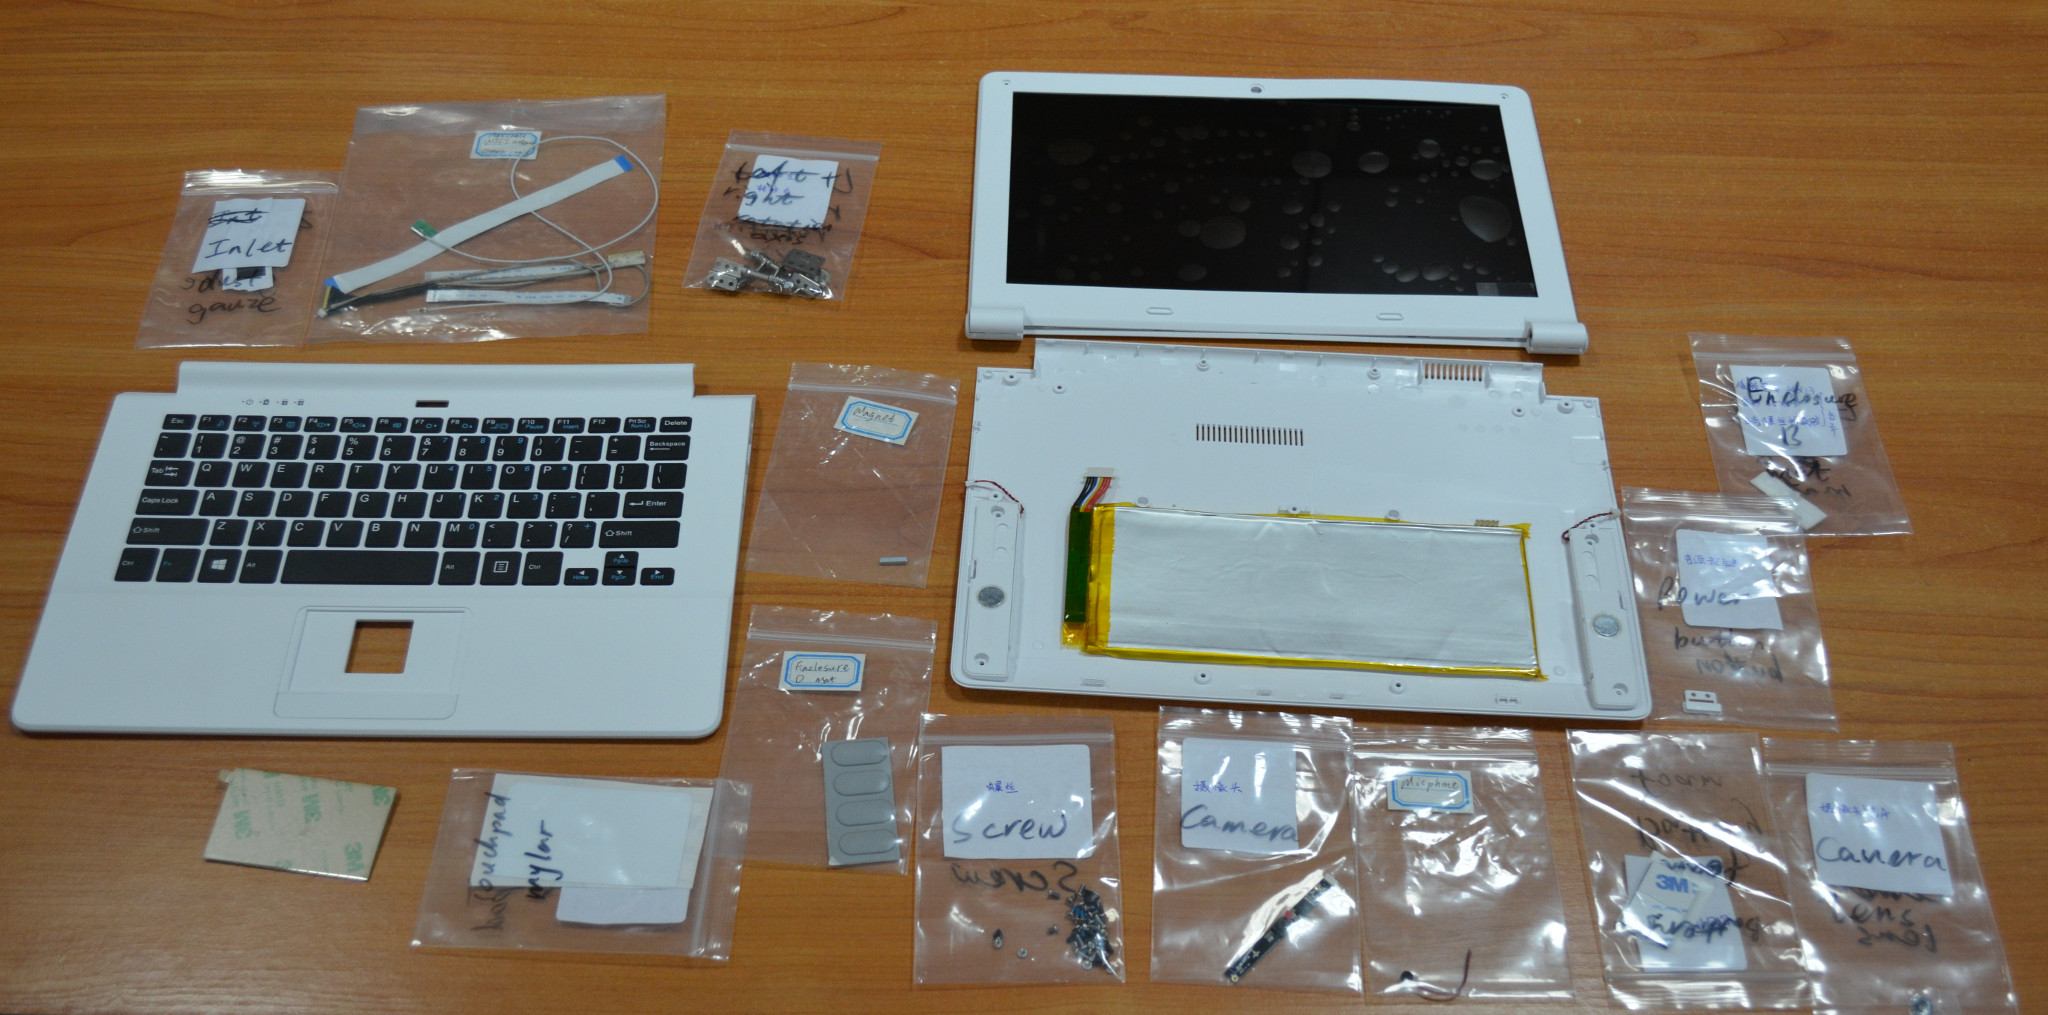 Olimex Pr 233 Pare Un Notebook Arm 64 Bits 224 Assembler Soi